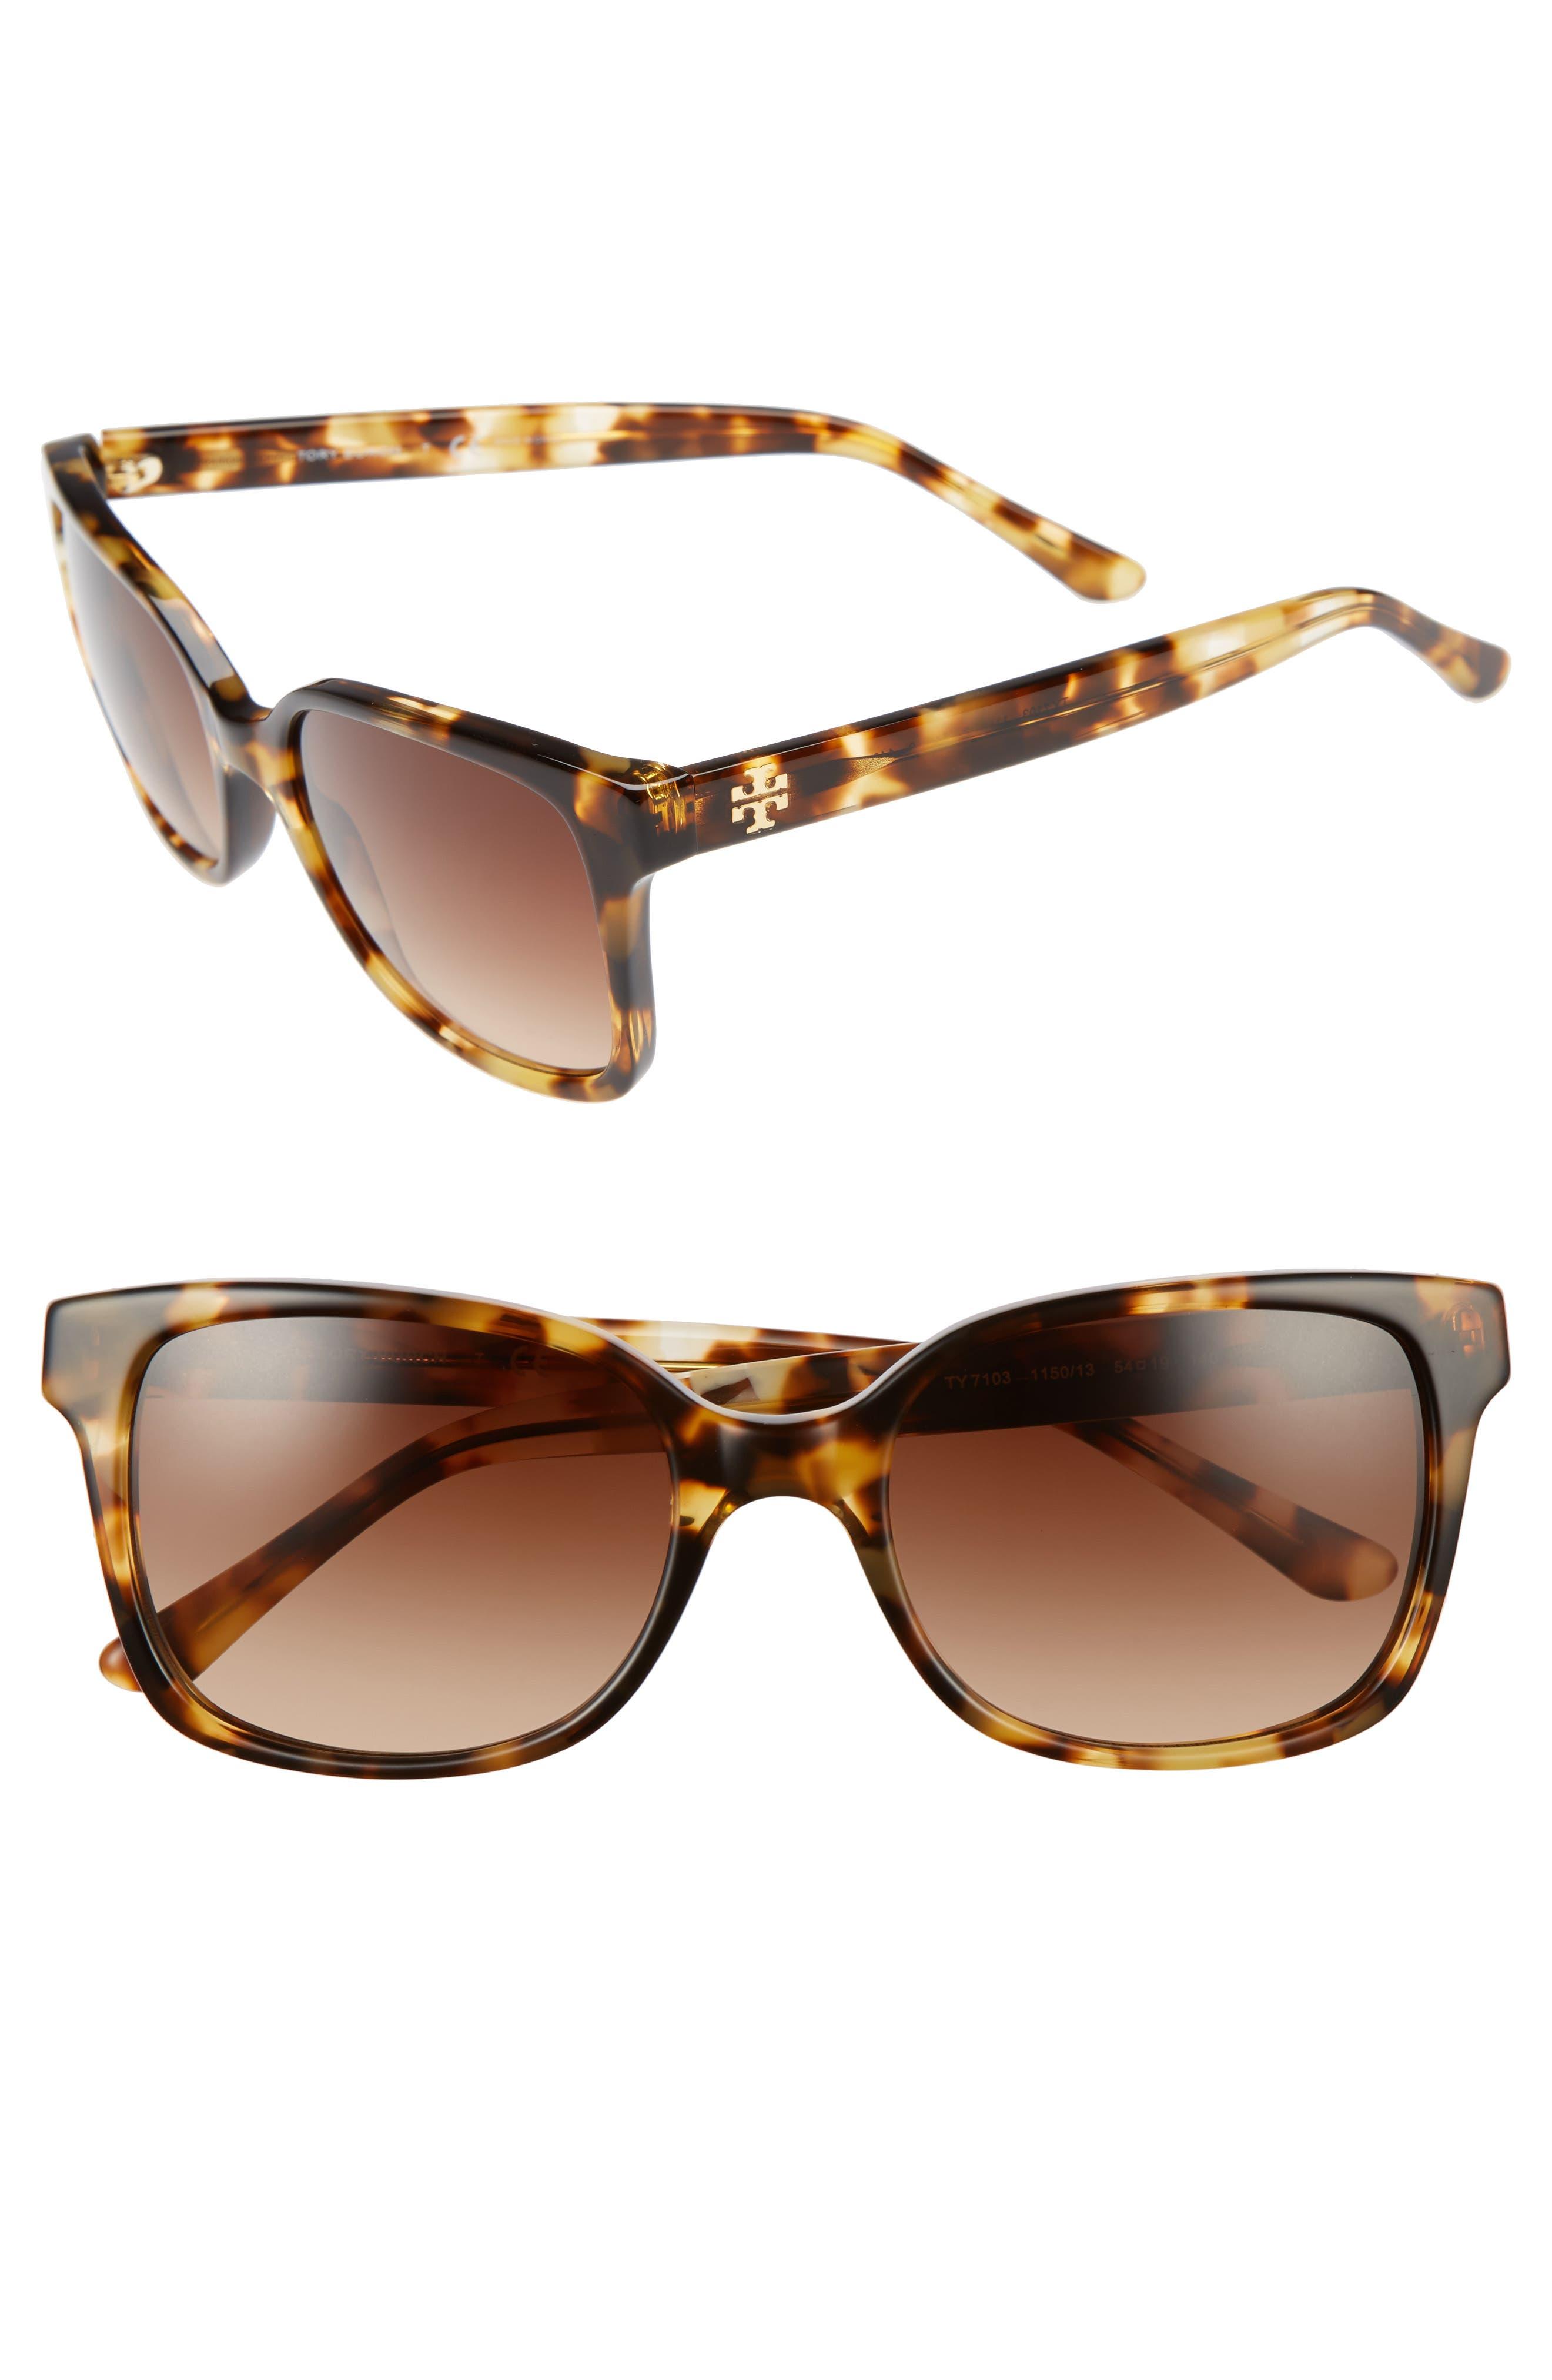 54mm Sunglasses,                             Alternate thumbnail 2, color,                             LIGHT TORTOISE